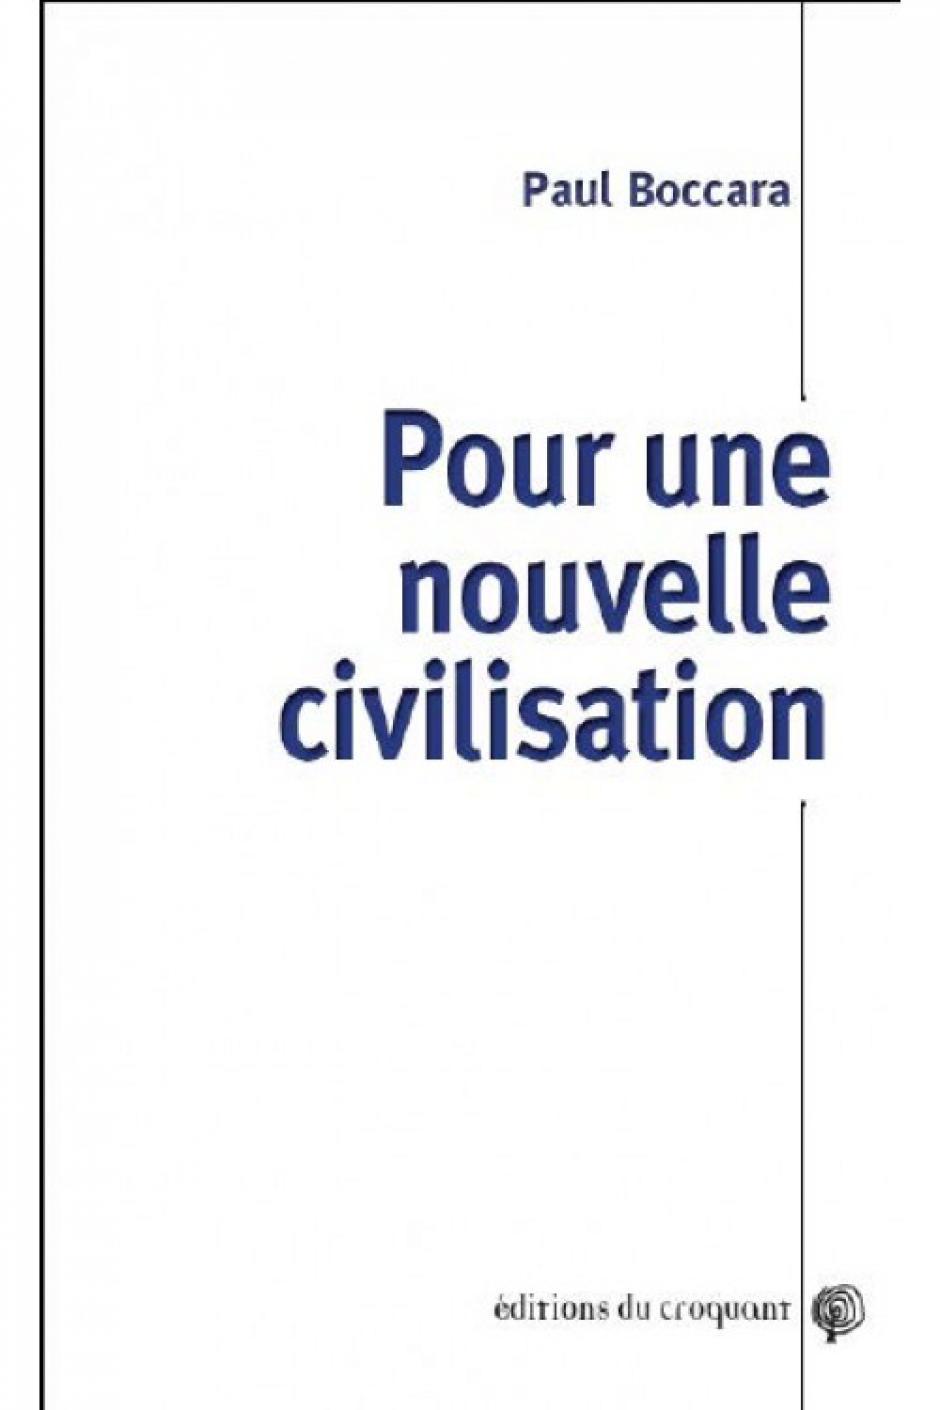 Pour une nouvelle civilisation - Paul Boccara